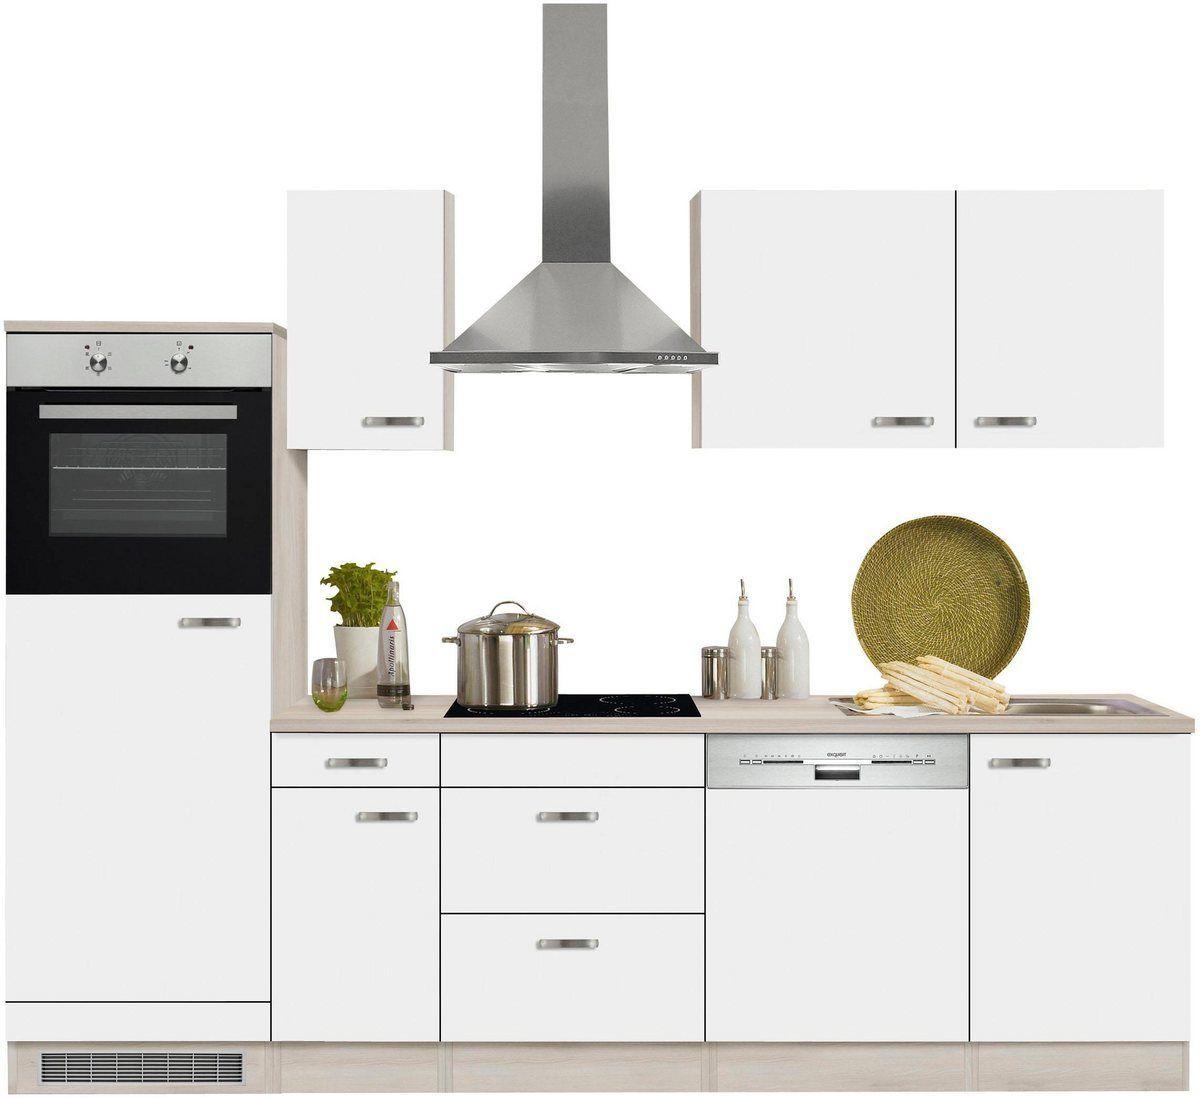 Kuchenzeile Faro Mit E Geraten Breite 270 Cm Breite Egeraten Faro Kucheweib K In 2020 Kitchen Units Decorating Above Kitchen Cabinets Above Kitchen Cabinets